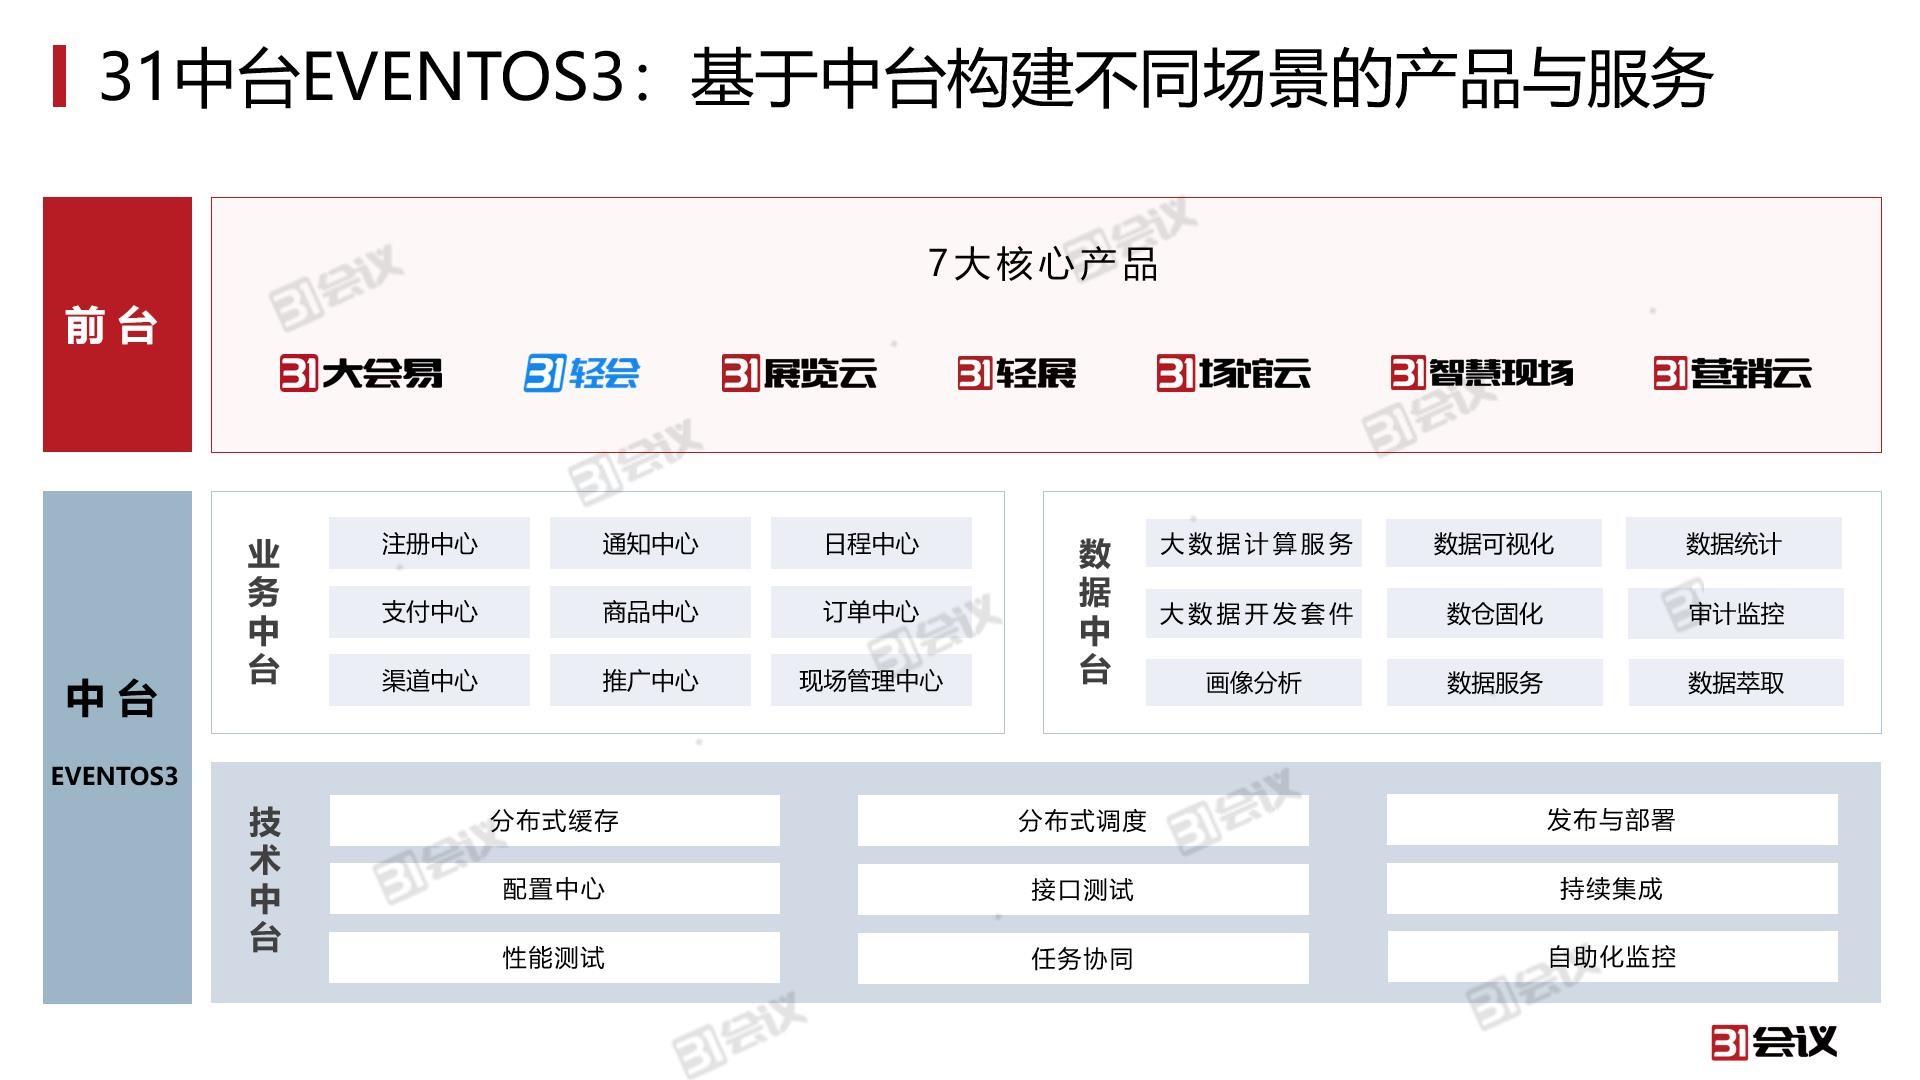 03 31数字会展中台EVENTOS3.jpg